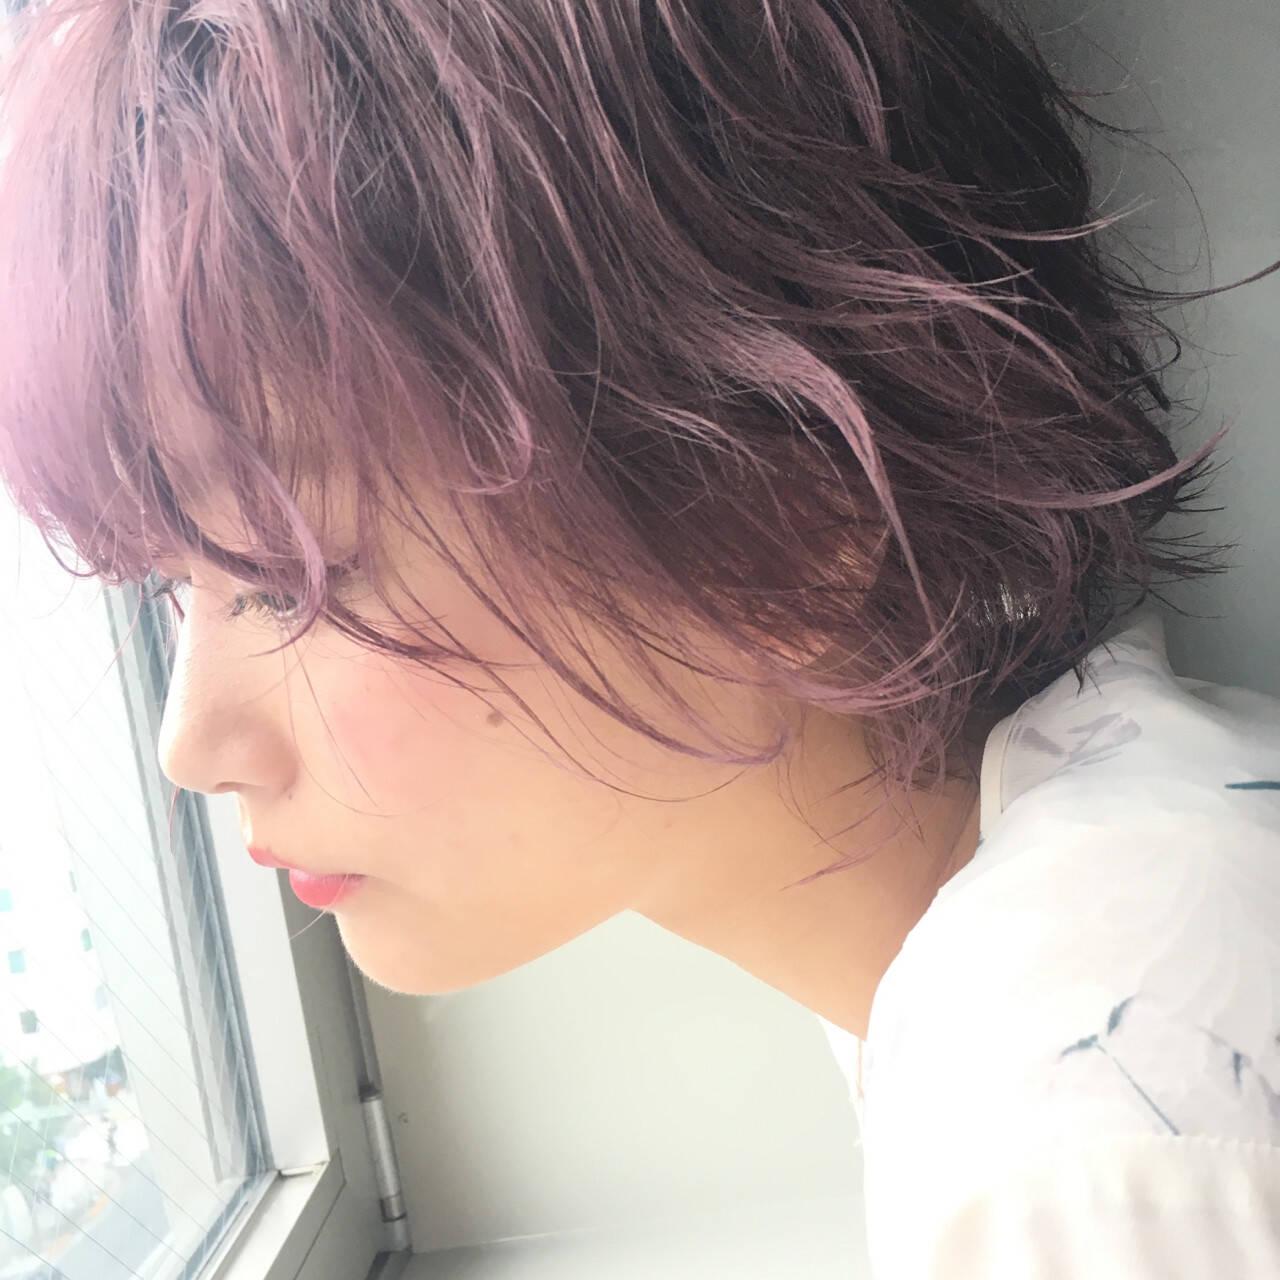 ボブ ピンク パープル フェミニンヘアスタイルや髪型の写真・画像